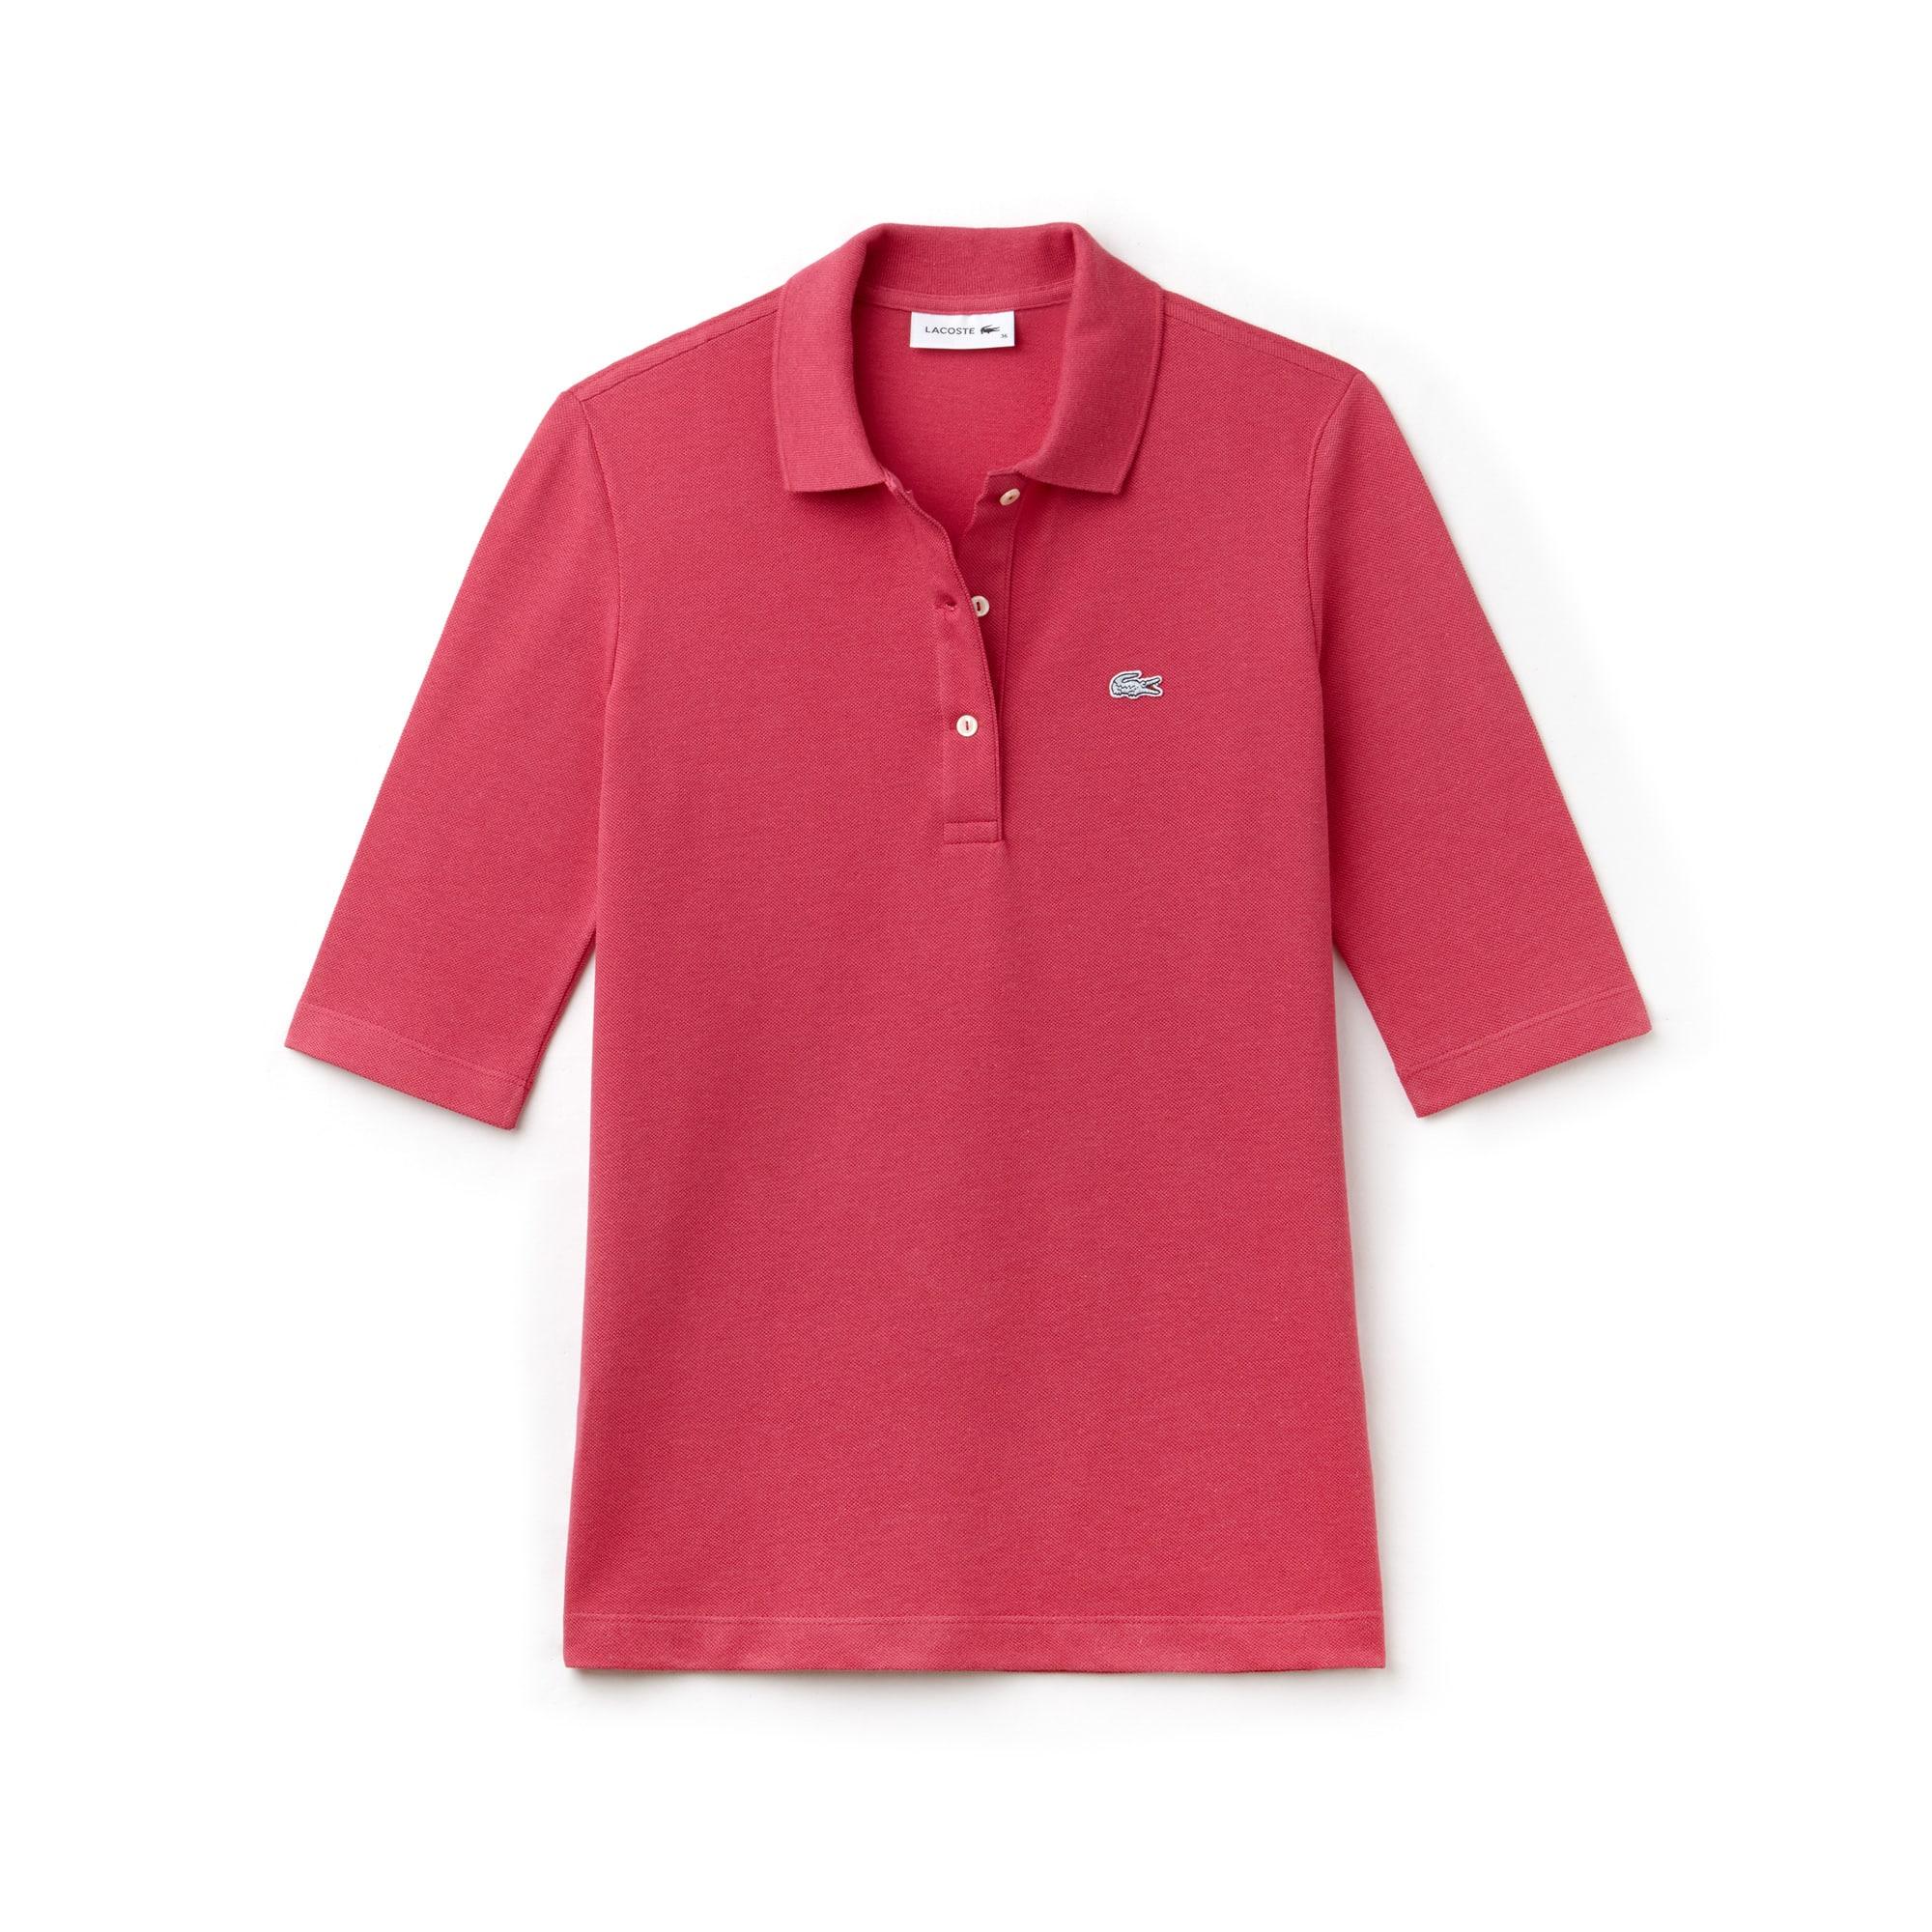 Women's Lacoste Classic Fit Petit Piqué Polo Shirt